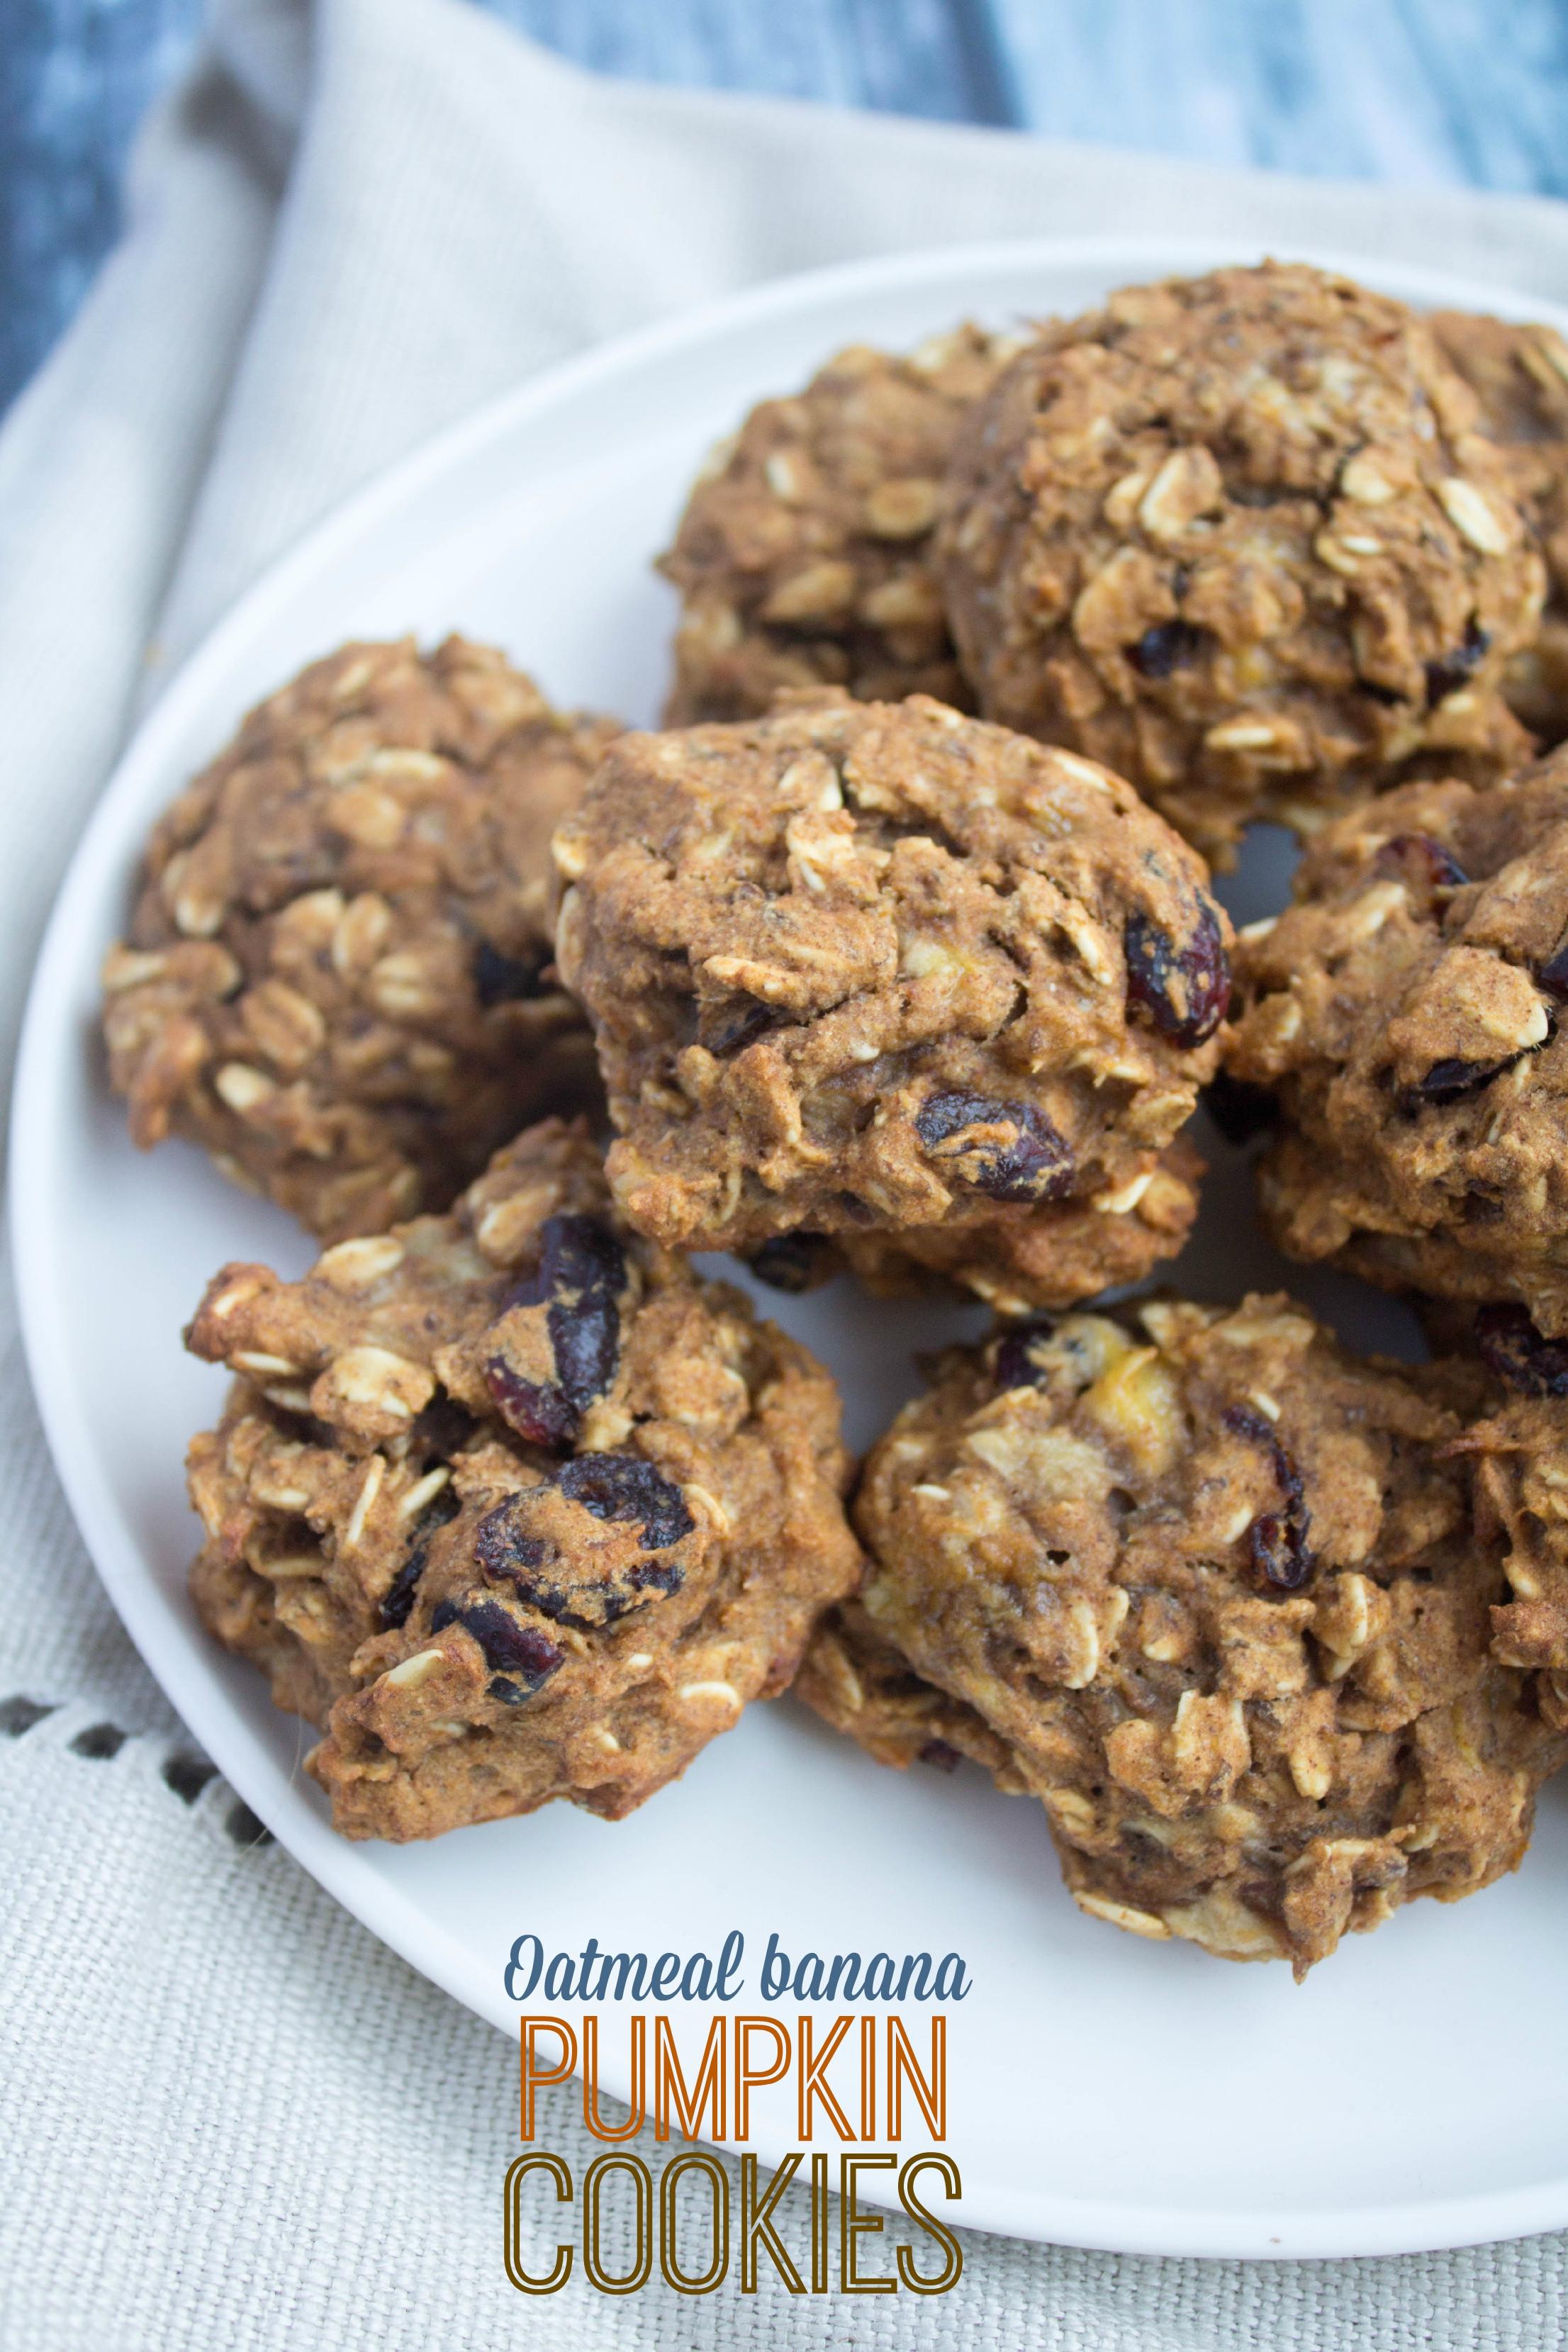 Pumpkin Cookies Recipe Healthy  healthy vegan pumpkin cookies